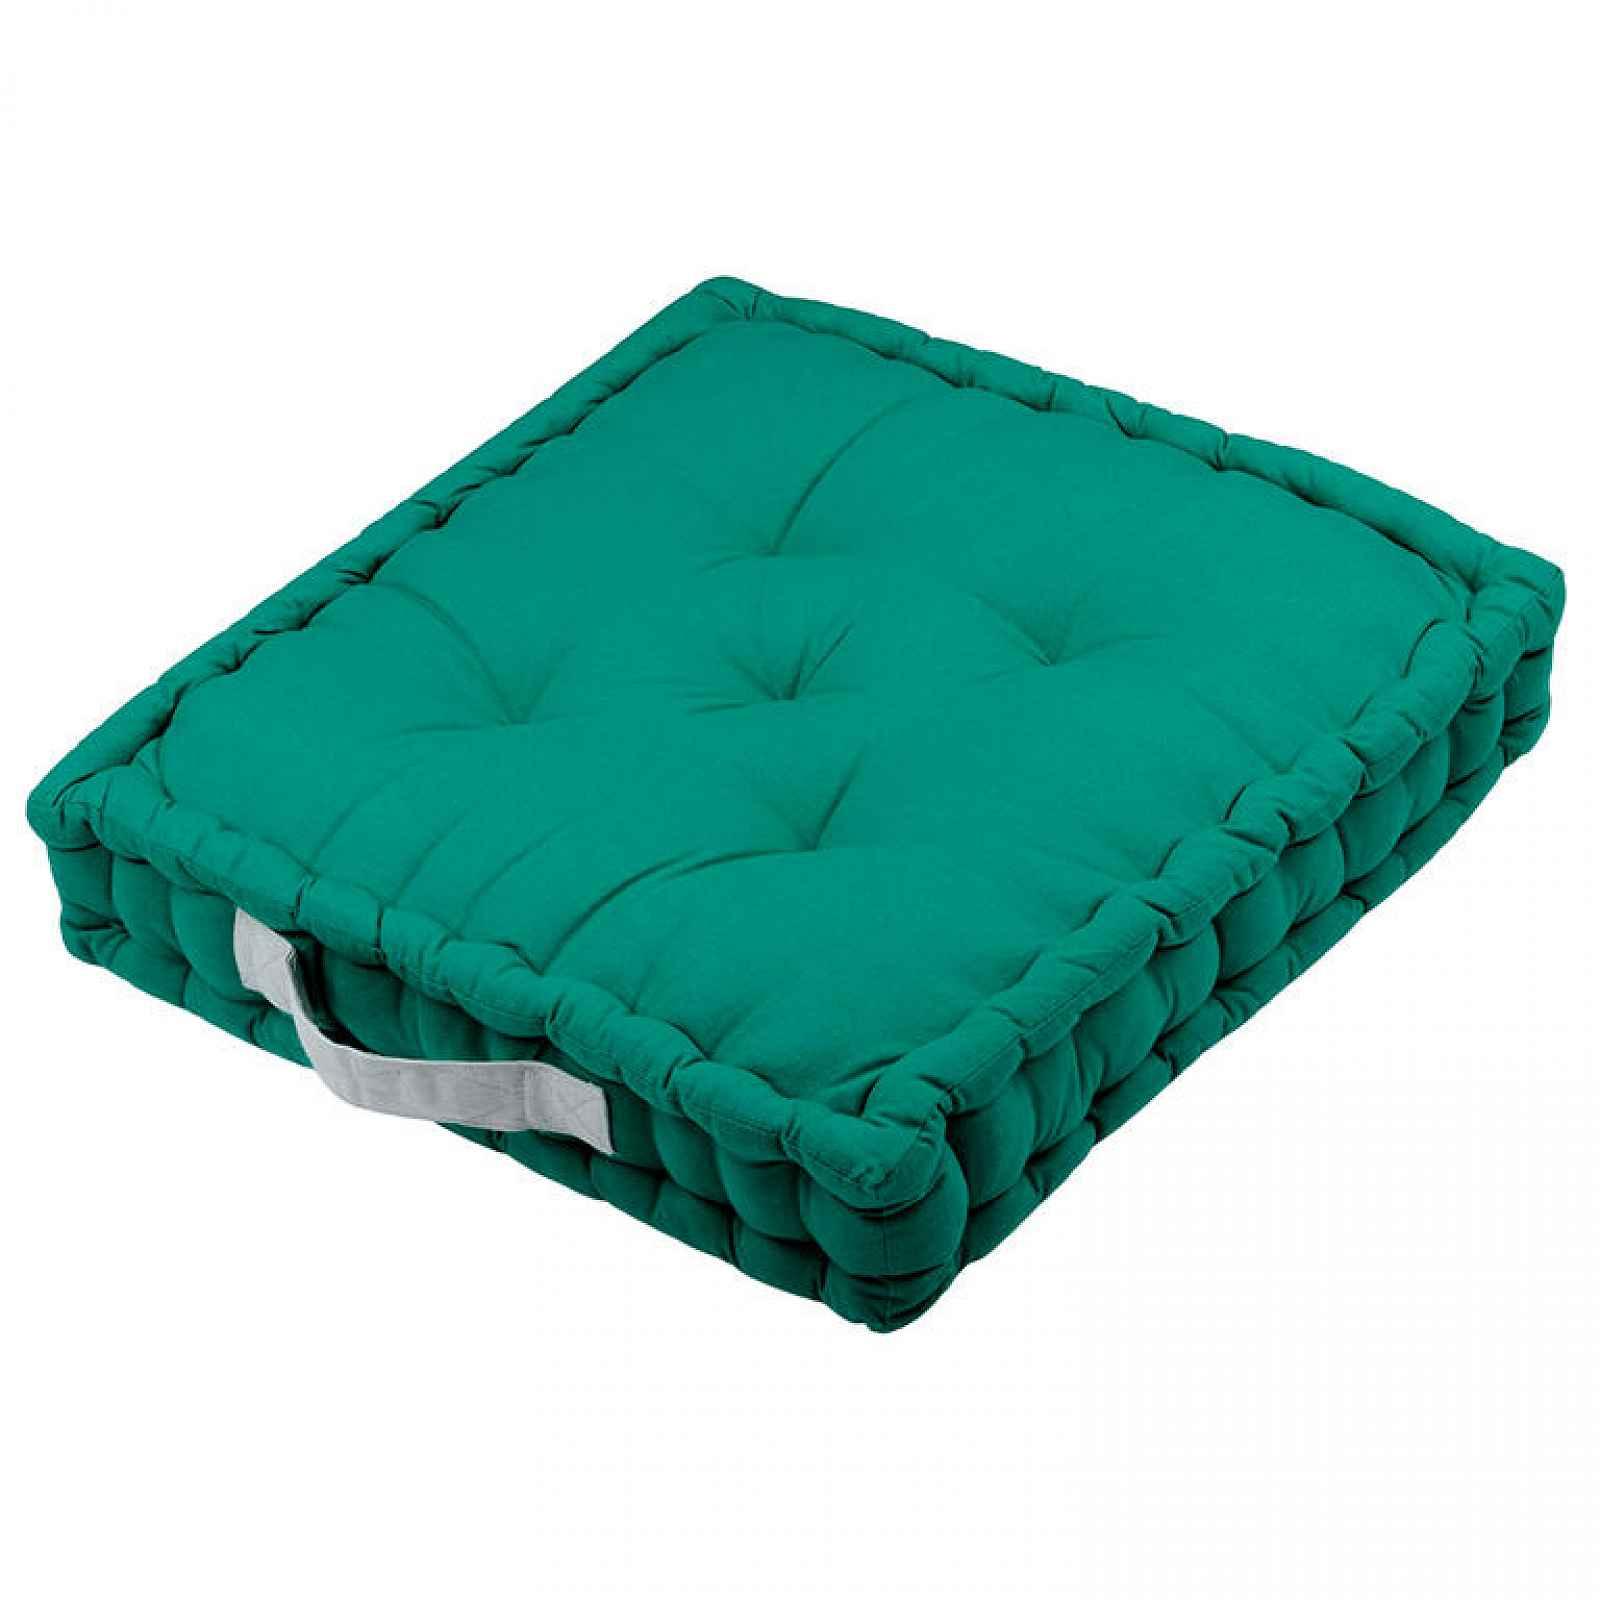 Sedací polštář na zem DUO UNI zelená 1 ks